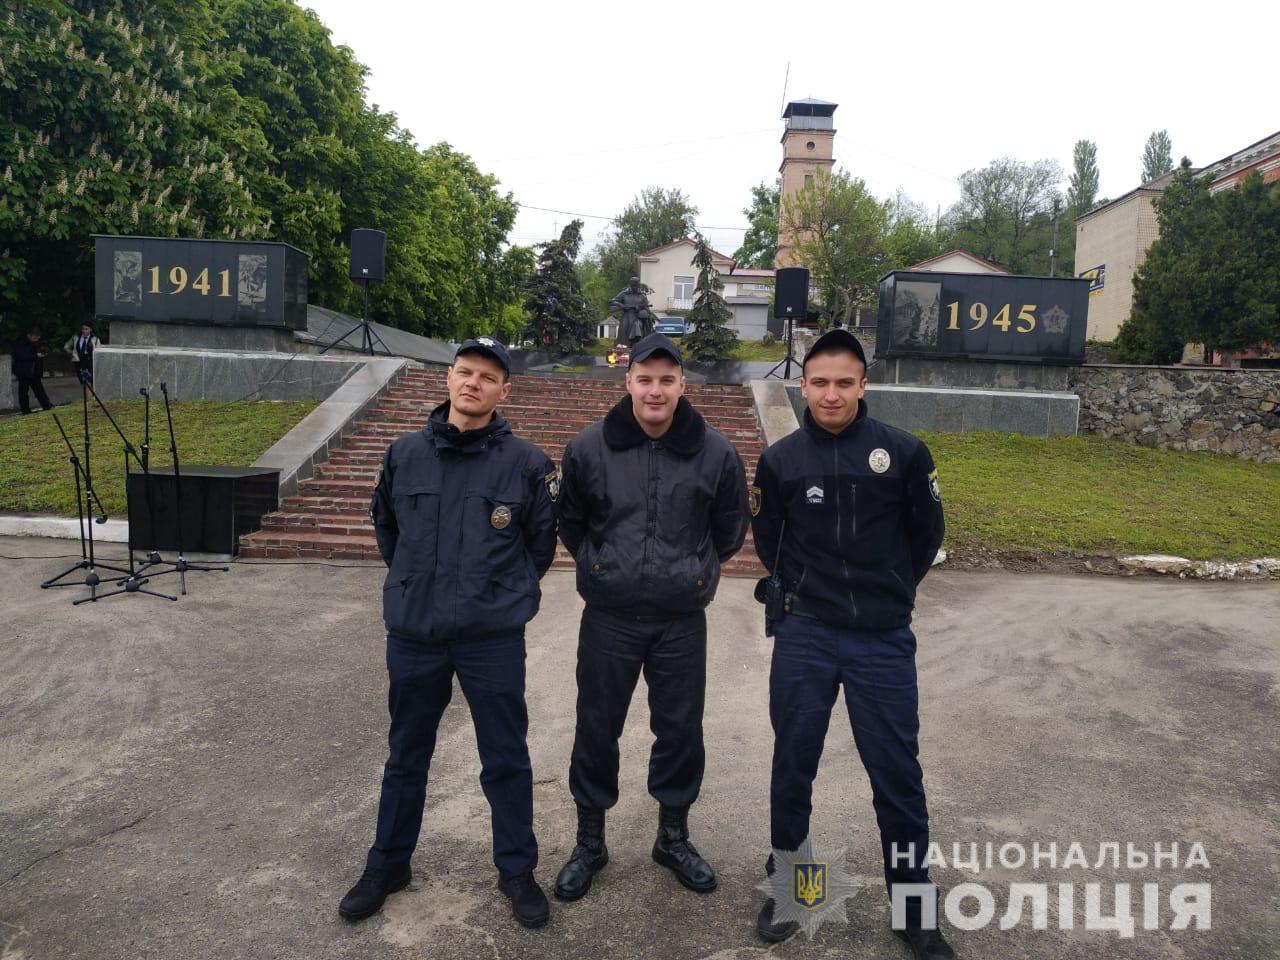 На охорону порядку на Київщині вийшли майже 800 правоохоронців - поліція Київщини, київщина, Друга світова війна, День перемоги над нацизмом - Poliz 9 trav 5